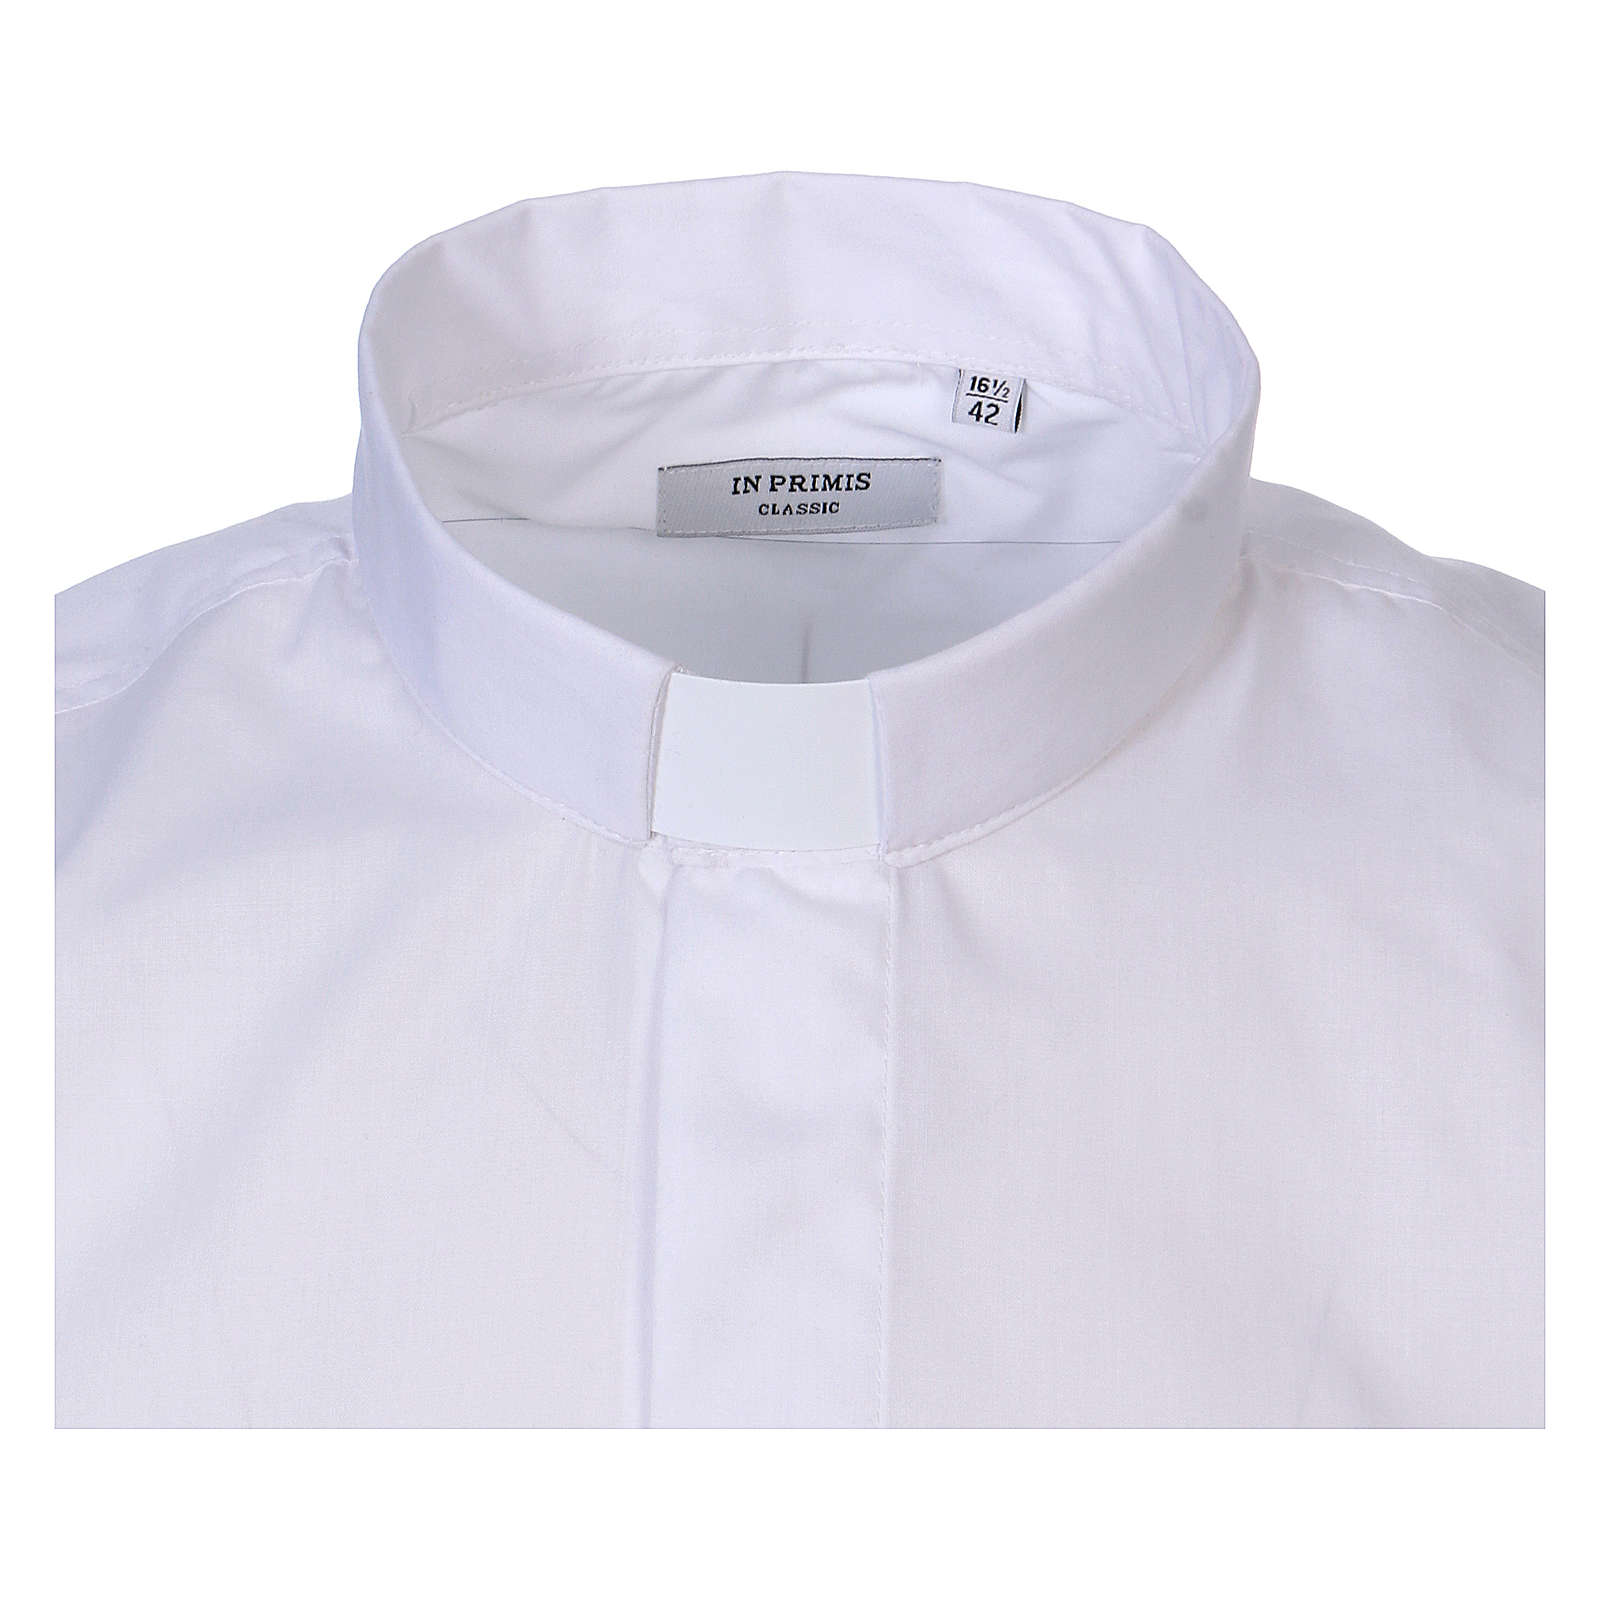 Camicia collo Clergy manica lunga misto cotone bianca In Primis 4